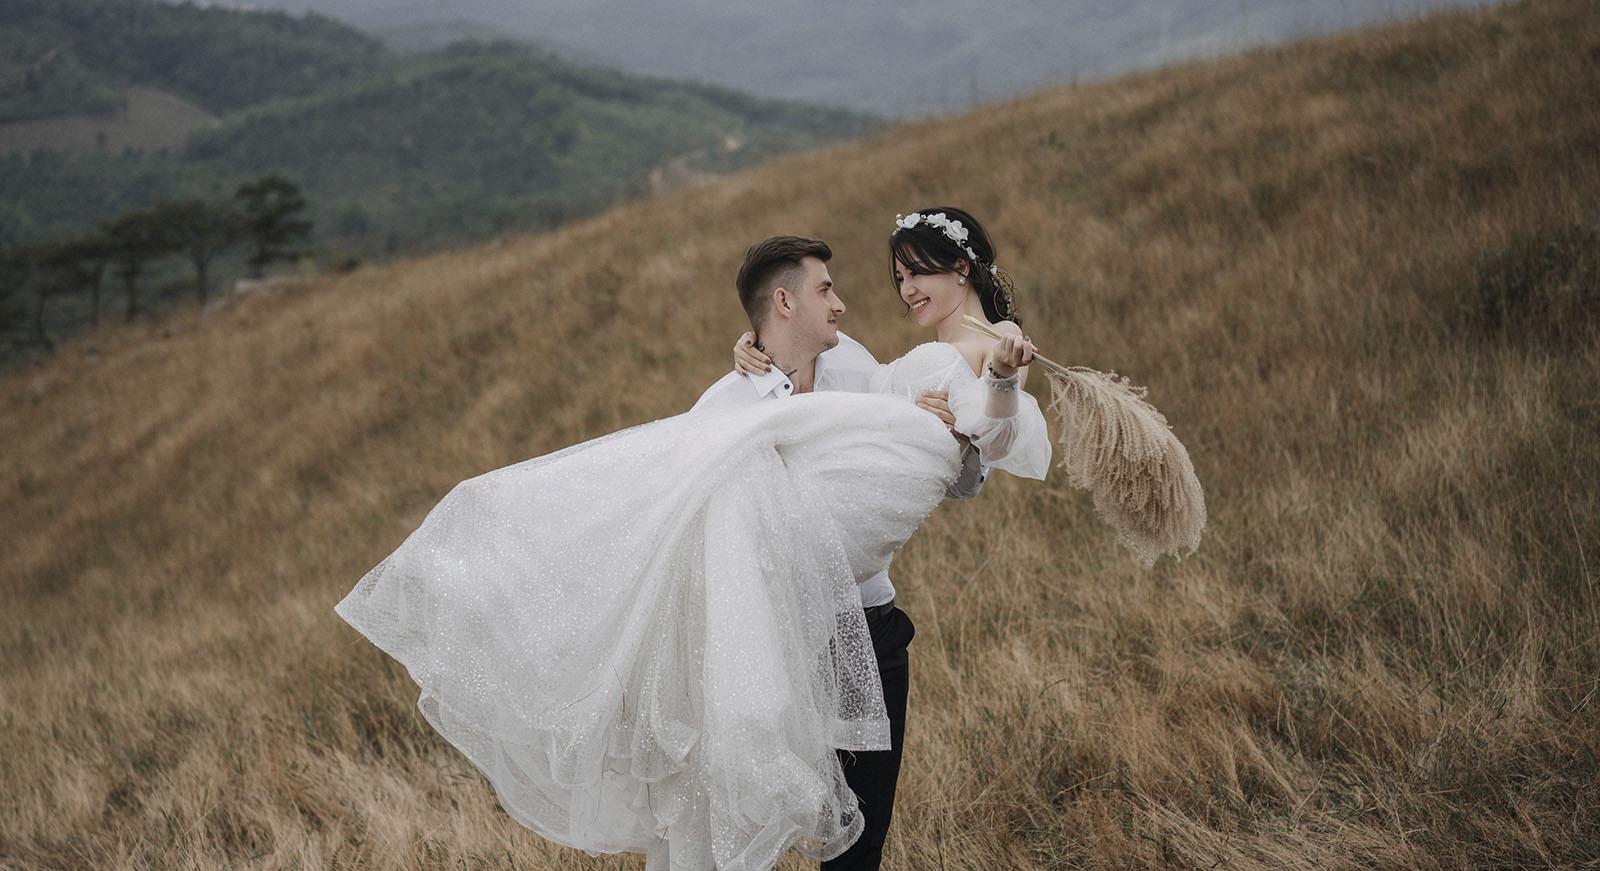 Giá chụp ảnh ngoại cảnh tại Bạch Tuyết Bridal bao nhiêu?